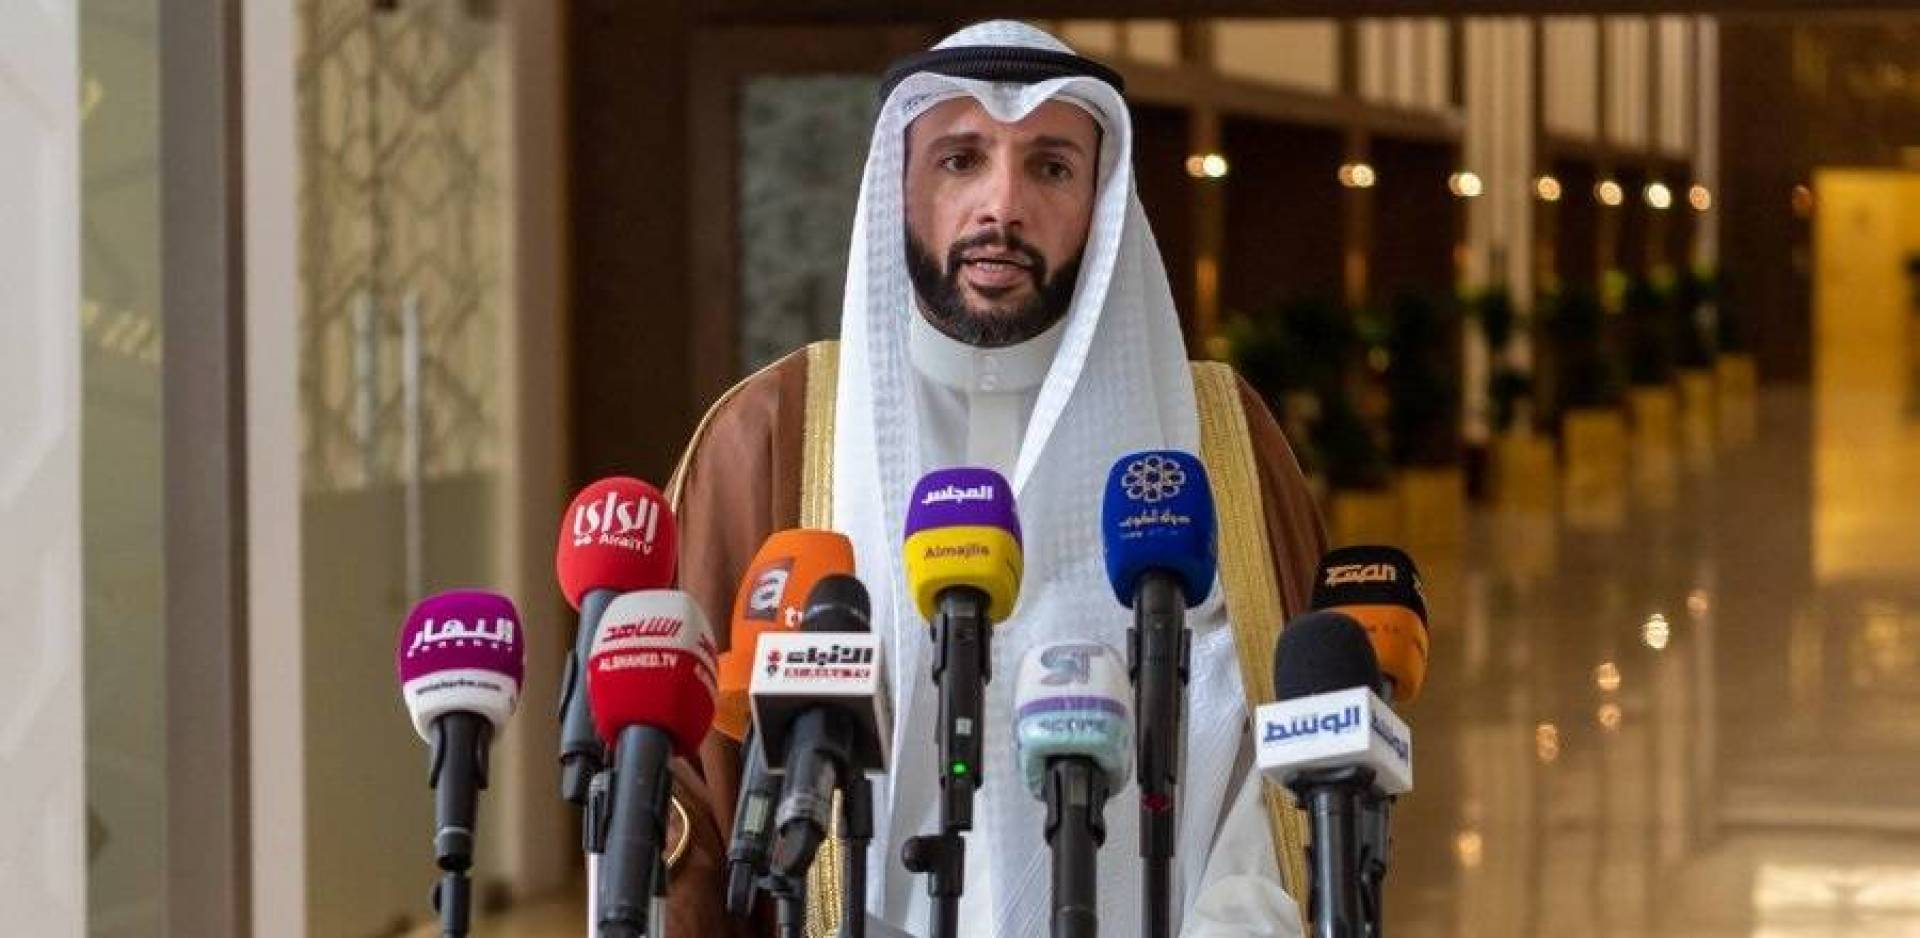 الرئيس الغانم: تسلمت رسميًّا استجوابًا من النائب فيصل الكندري لوزير التربية من محور واحد